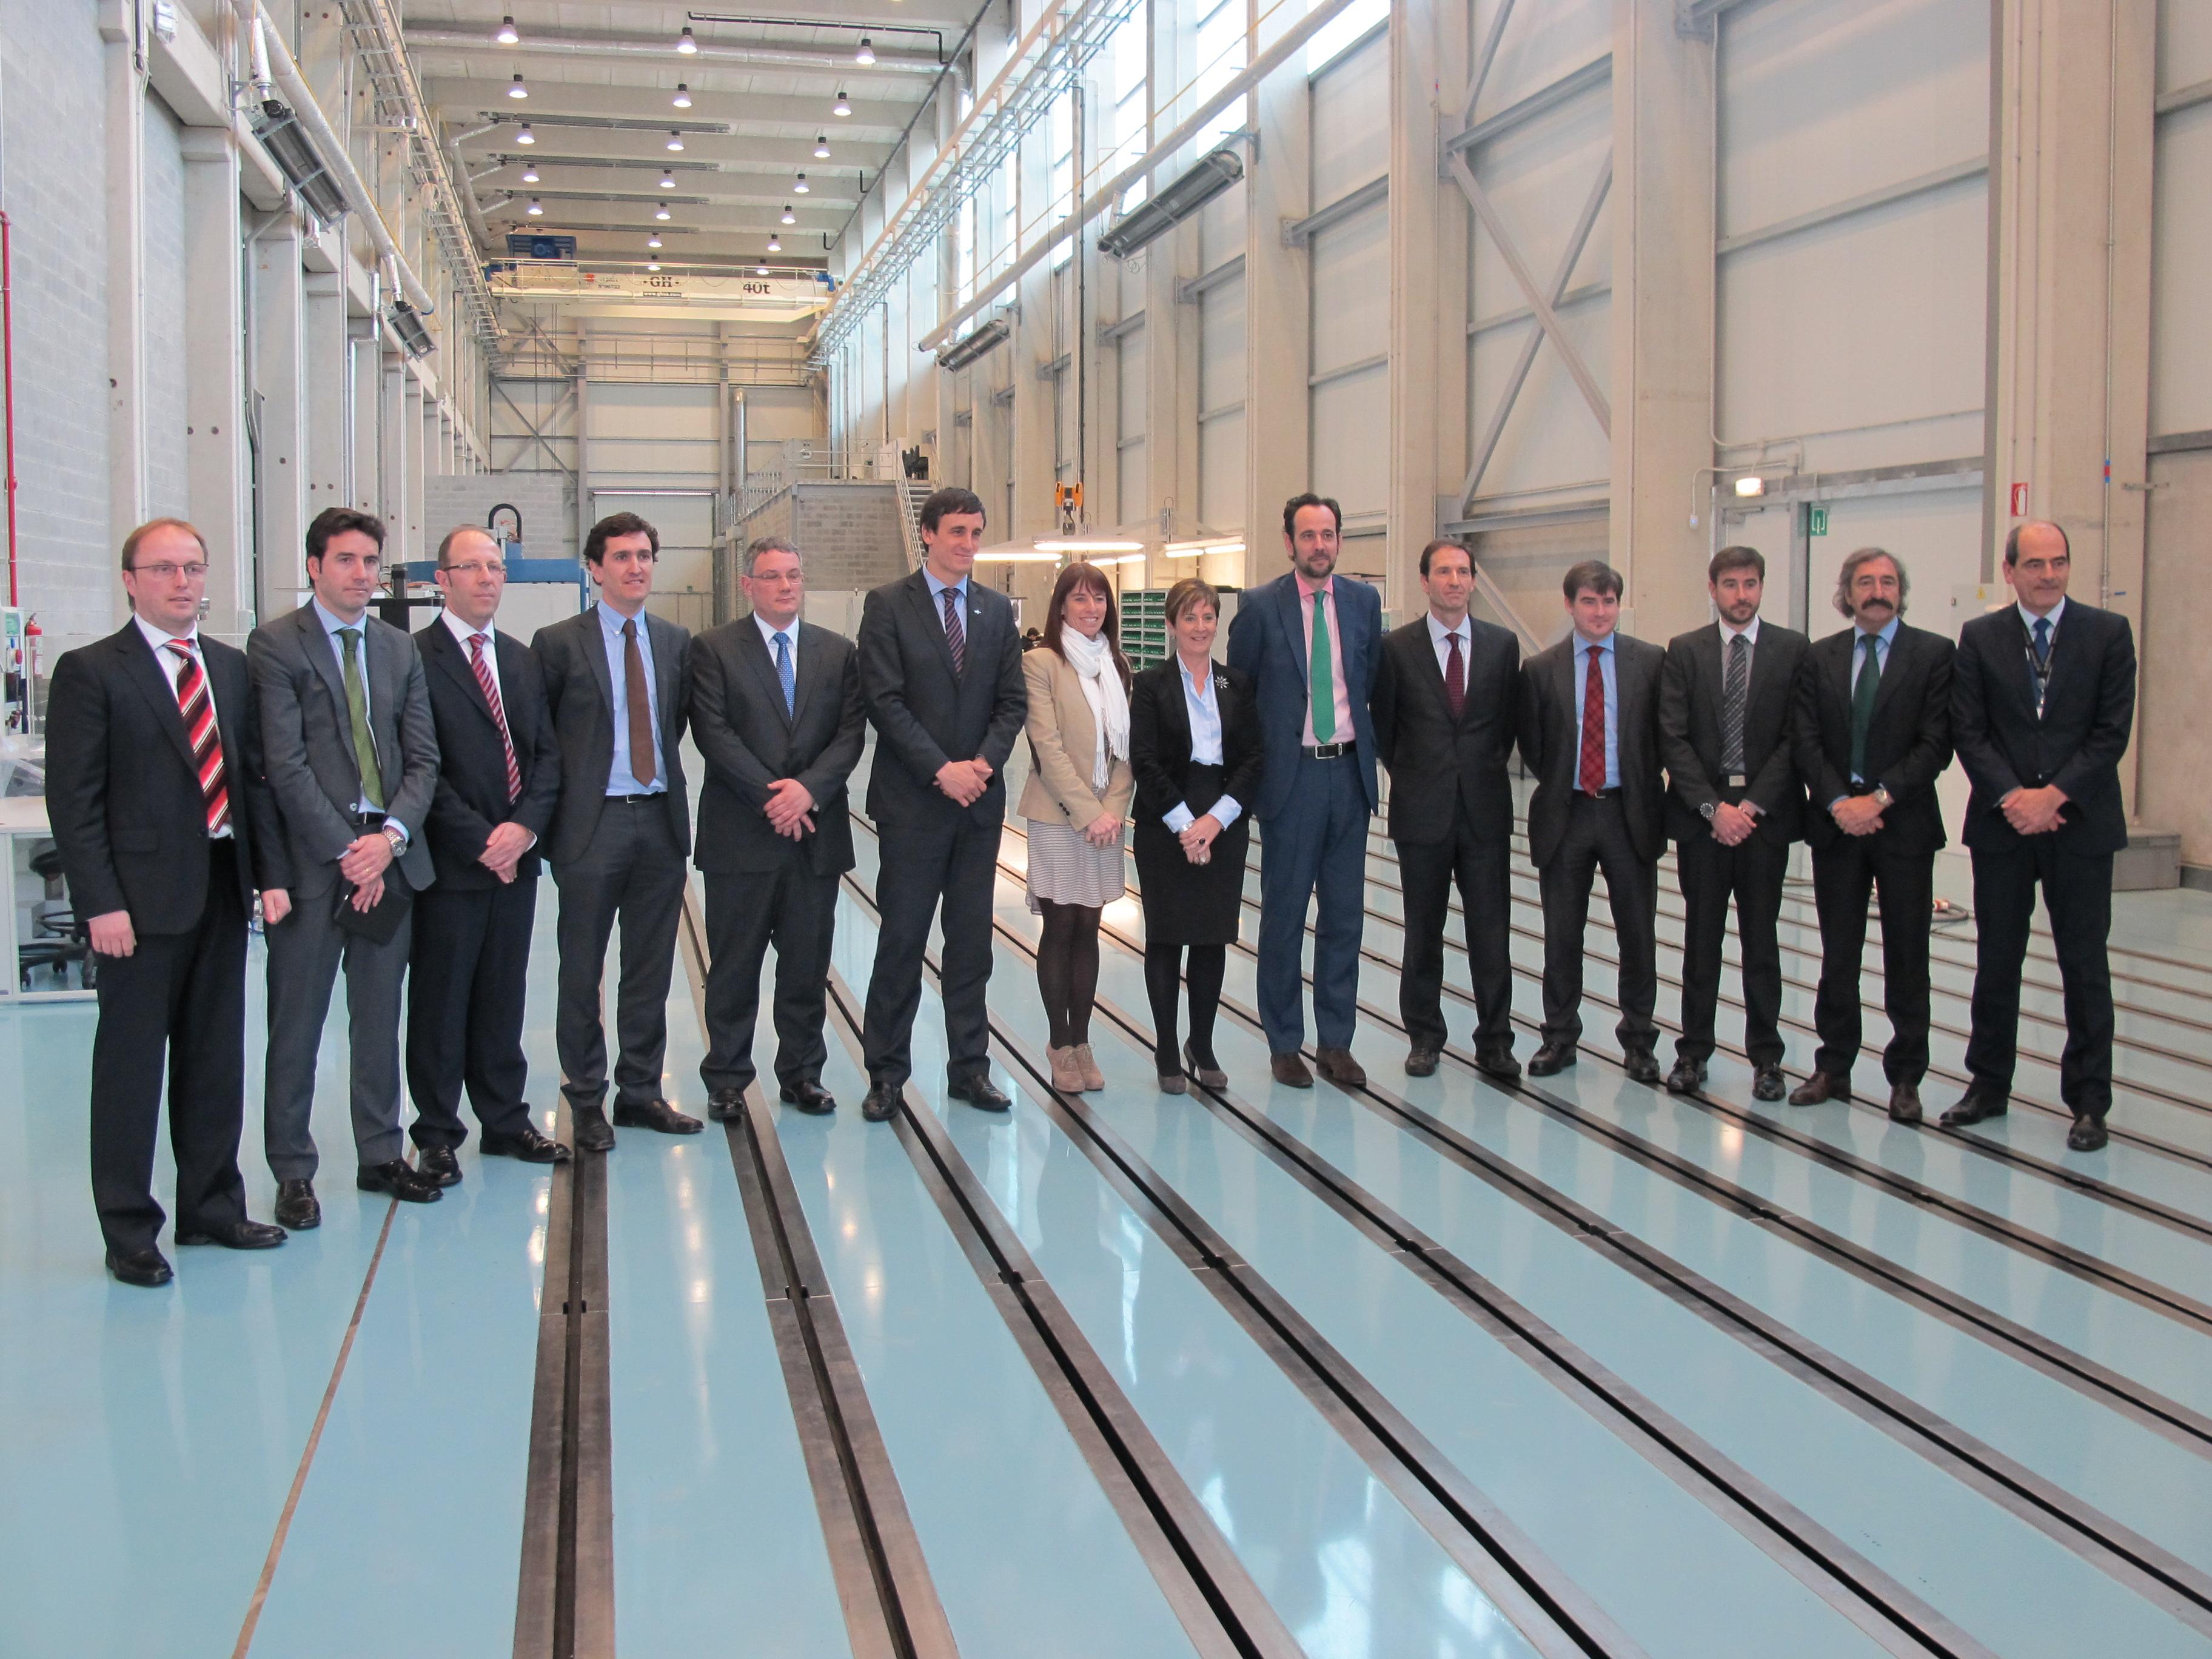 Eólica y energías renovables: Centro en Euskadi para aerogeneradores avanzados para el sector eólico